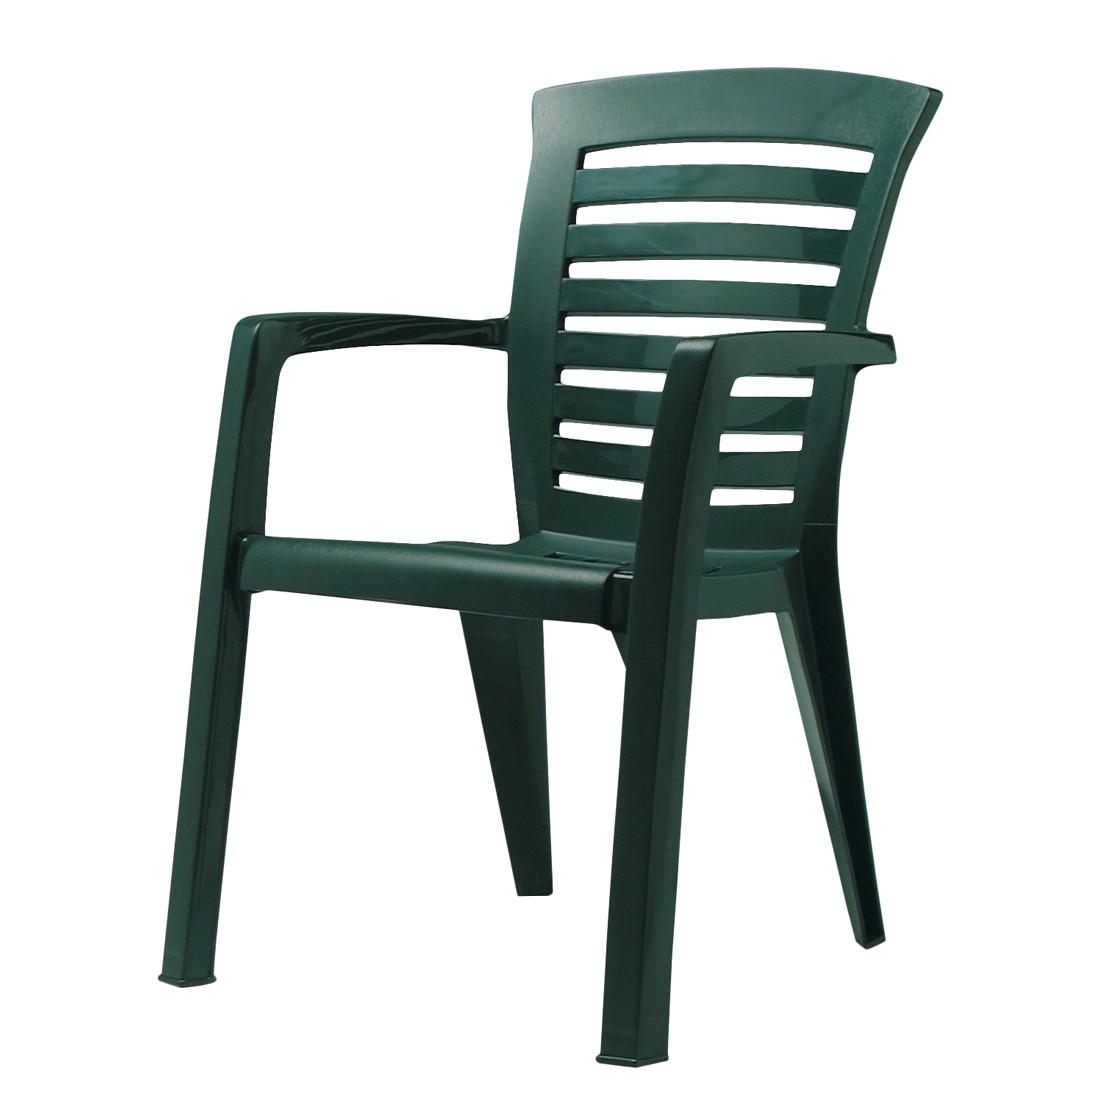 Stapelstuhl Florida - Kunststoff - Grün, Best Freizeitmöbel